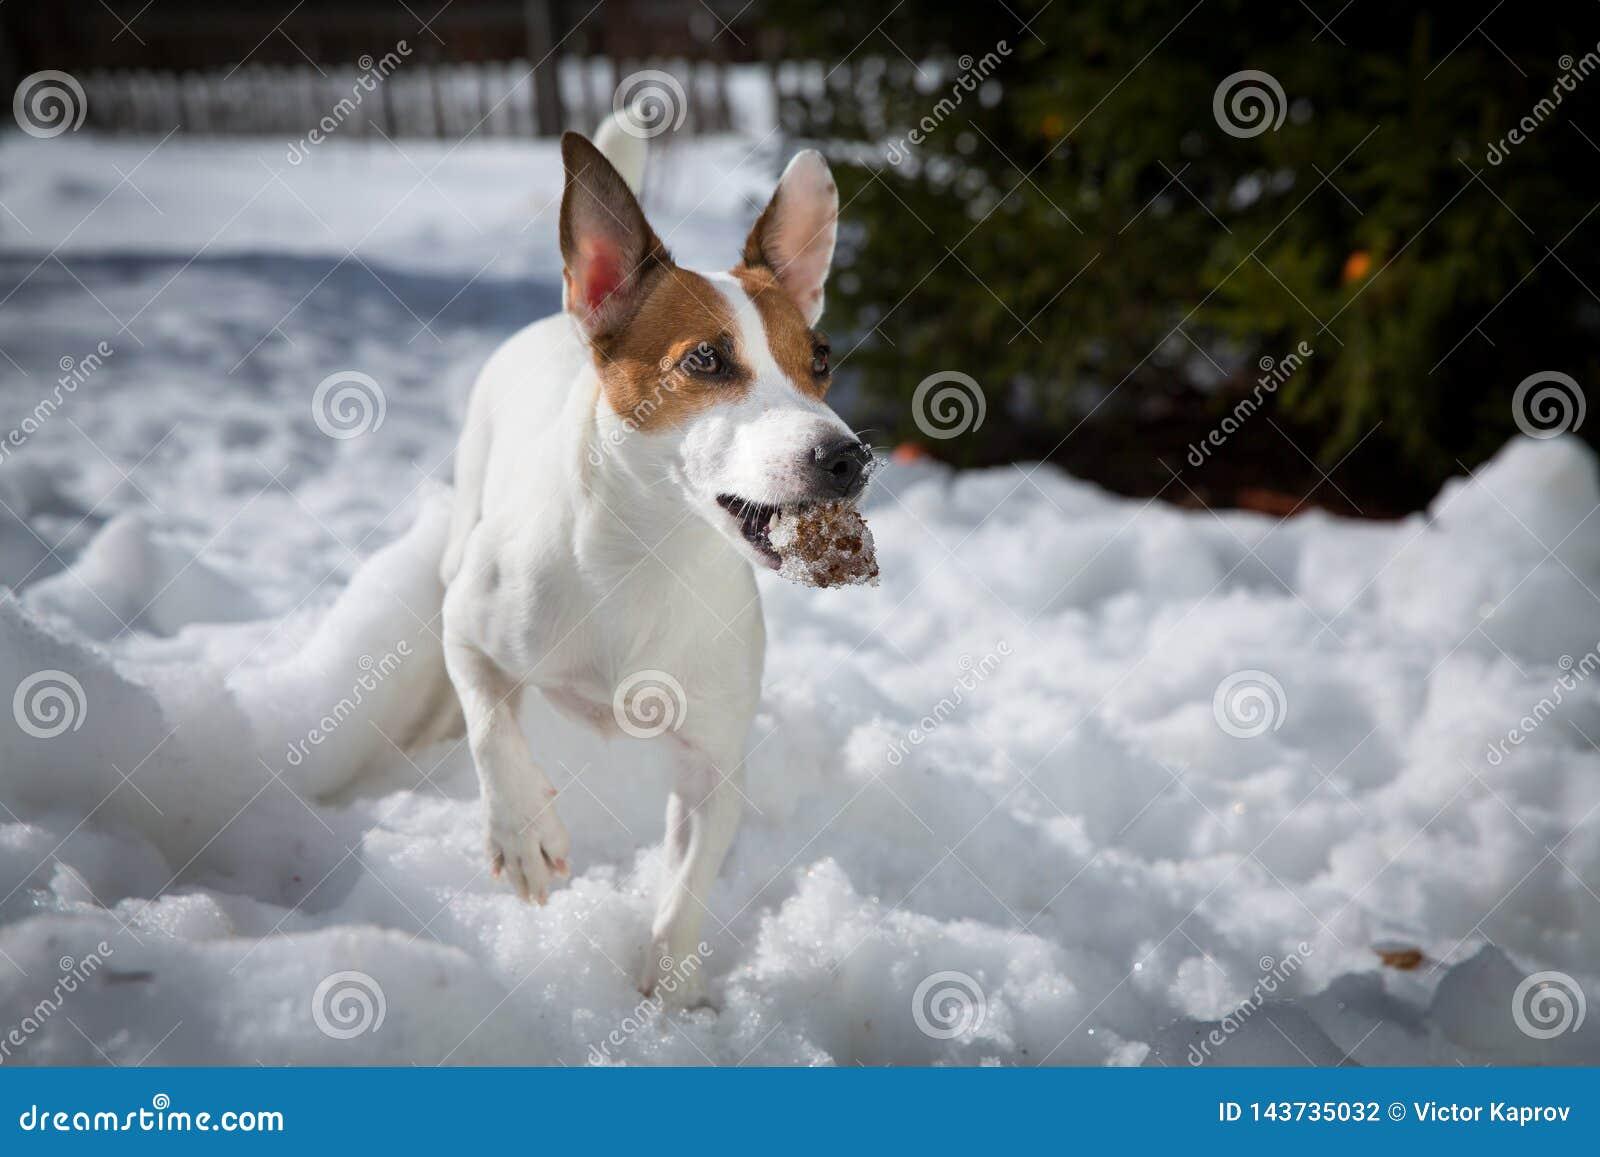 Ein Hund mit einem Stoß im Schnee